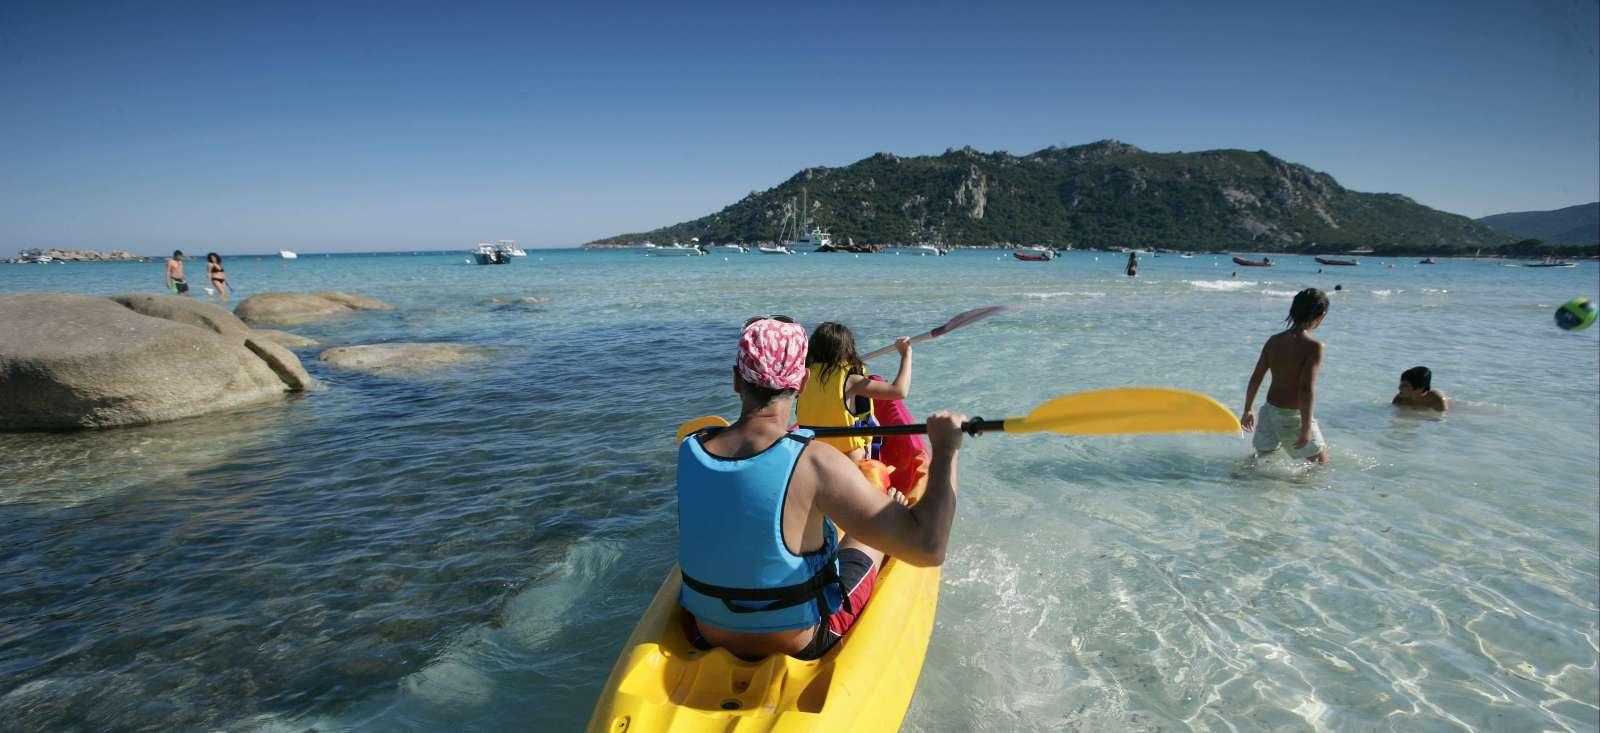 Voyage sur l'eau : Le maquis par monts et par mer !